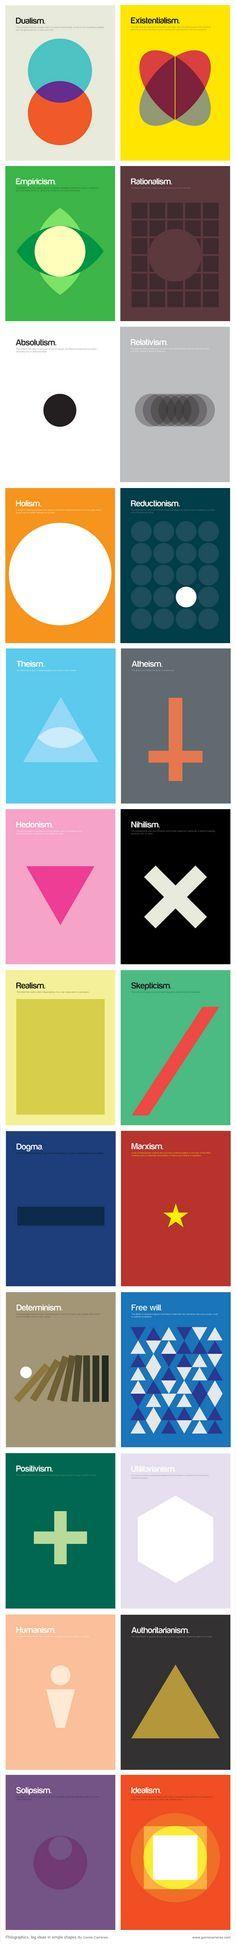 Corrientes Filosoficas en carteles minimalistas